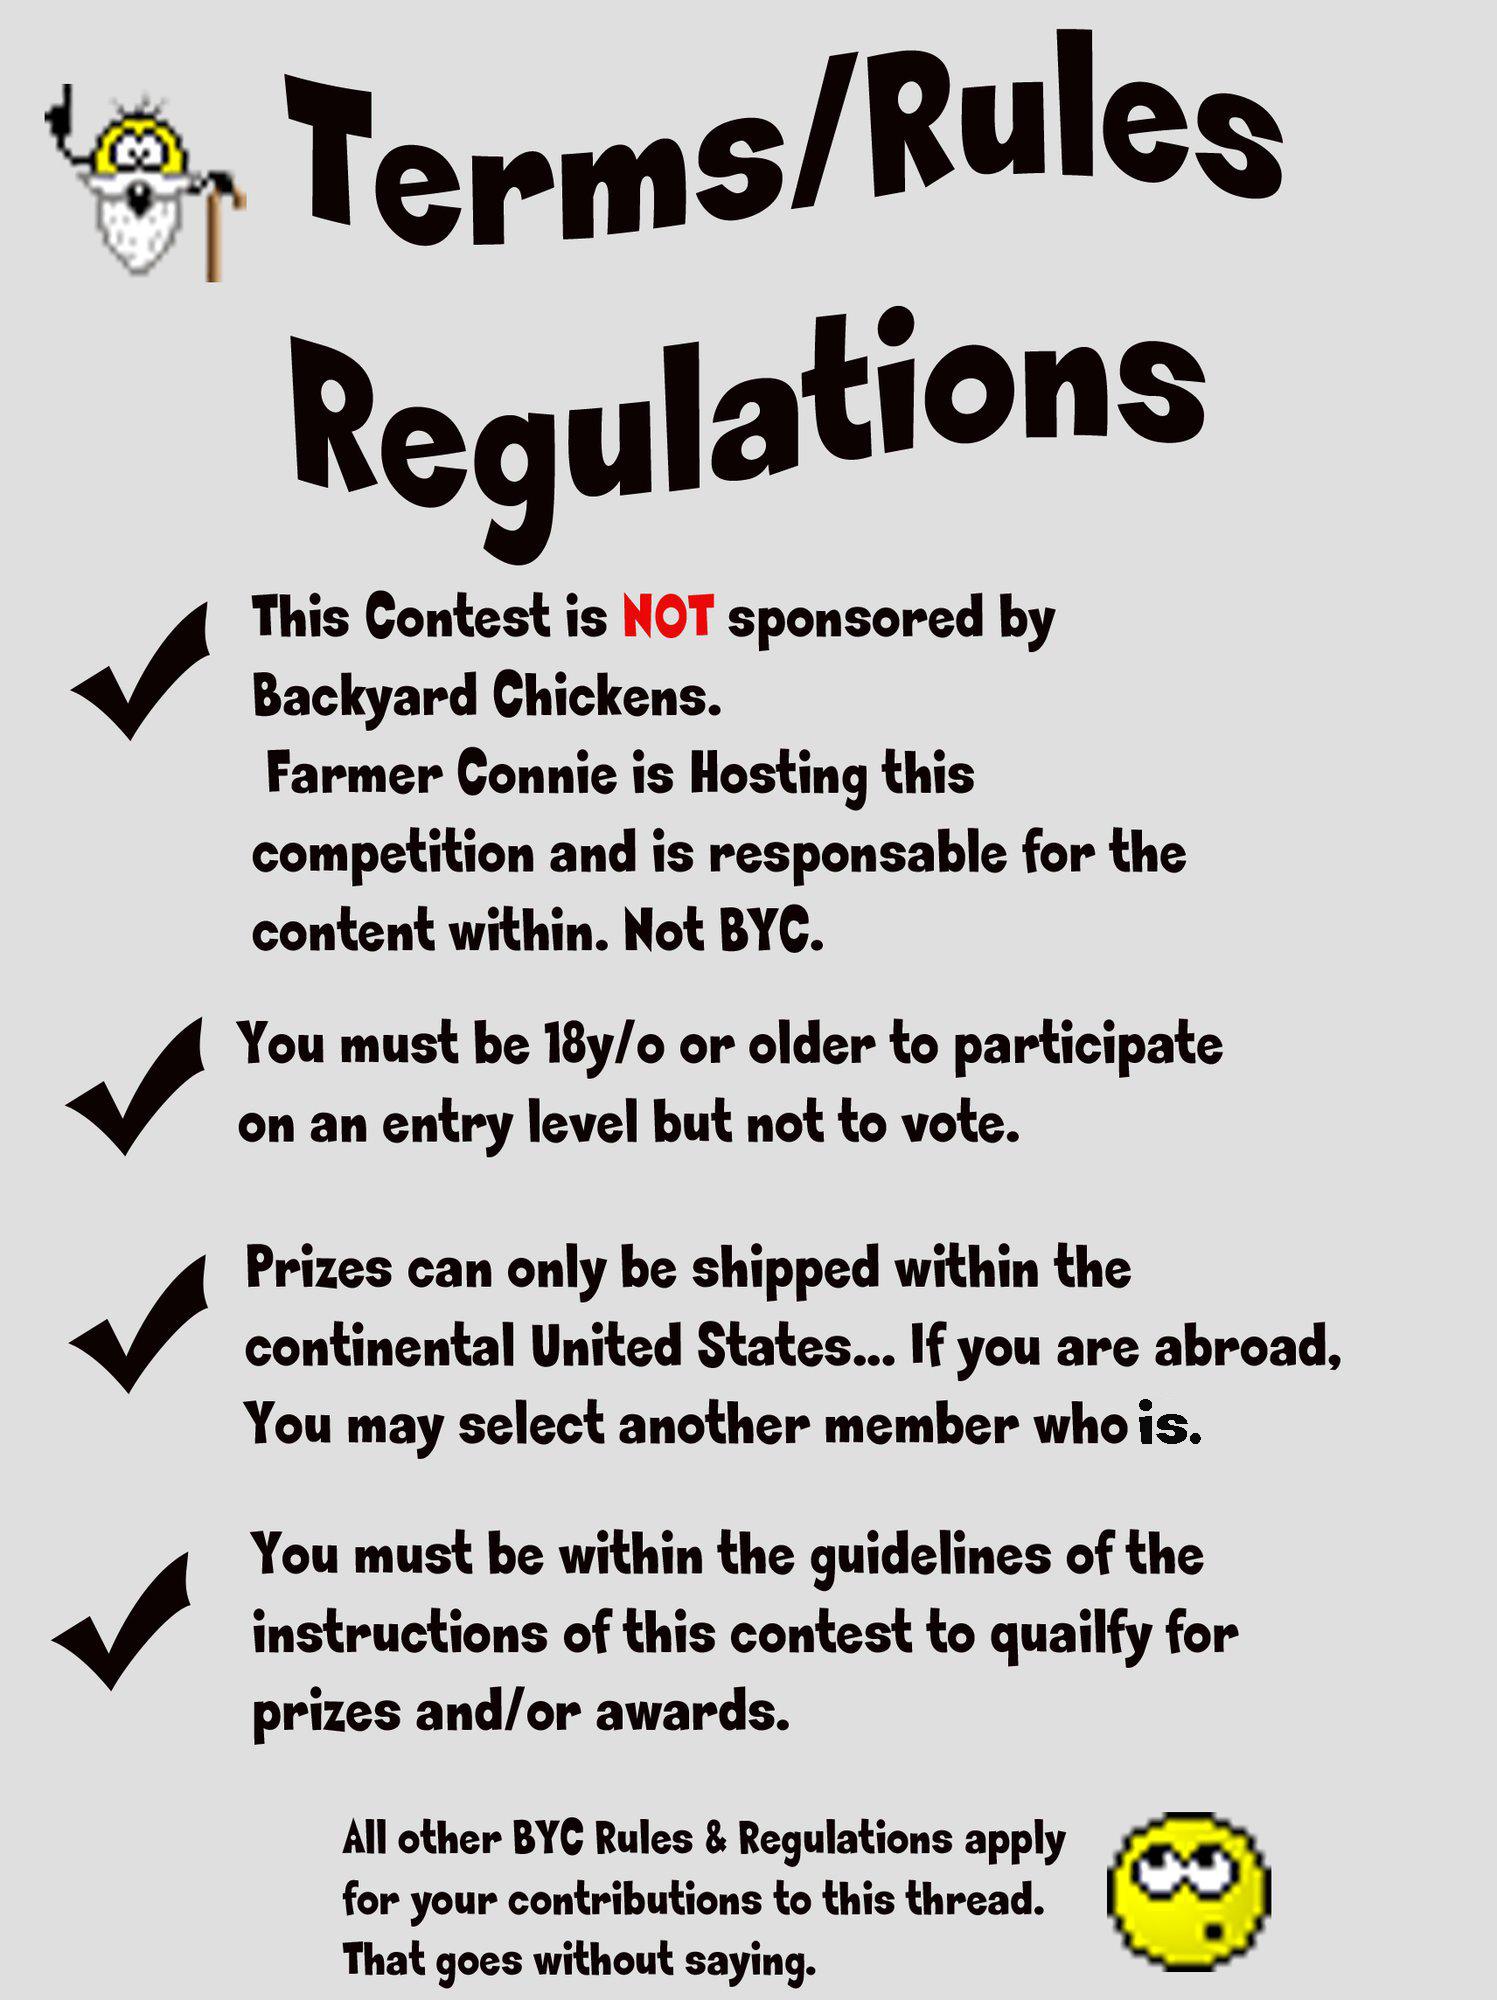 rules regsREPAIRED.jpg